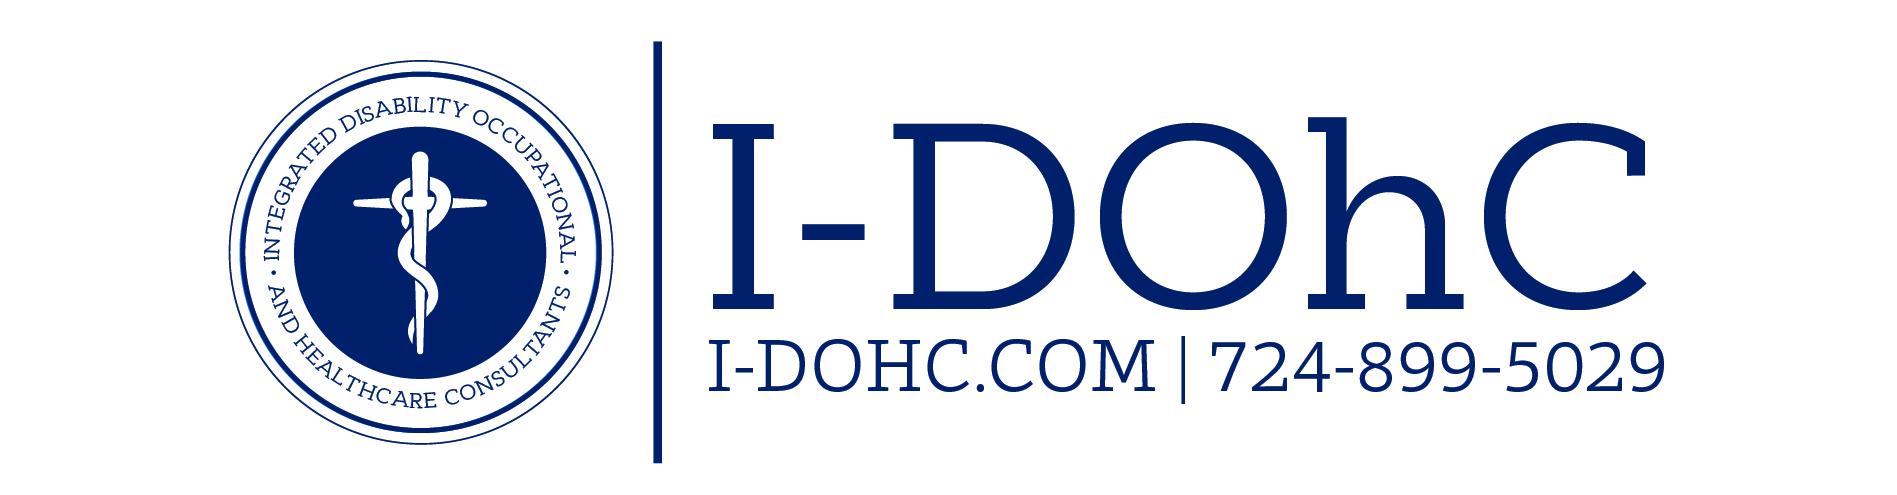 idohc_logo_long-01.jpg